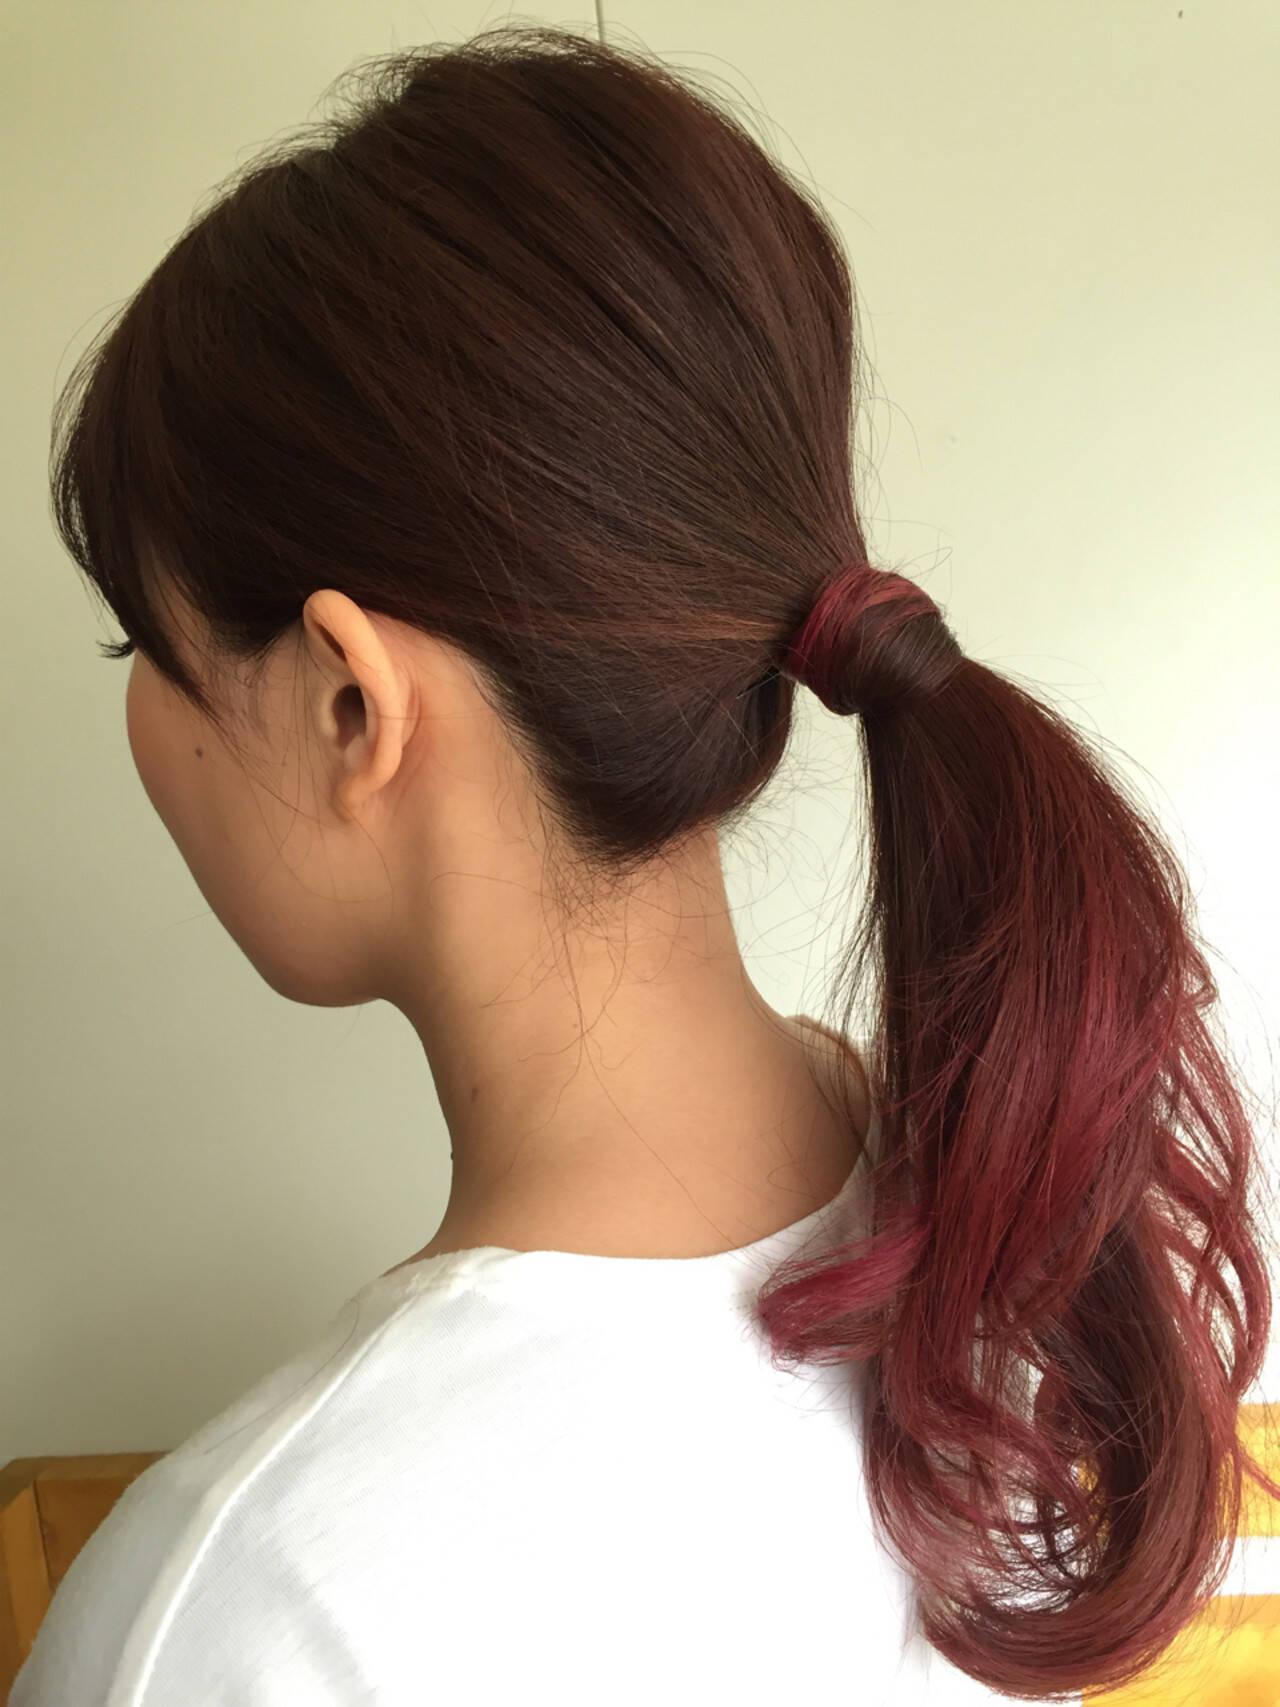 ロング 簡単ヘアアレンジ ローポニーテール ポニーテールヘアスタイルや髪型の写真・画像